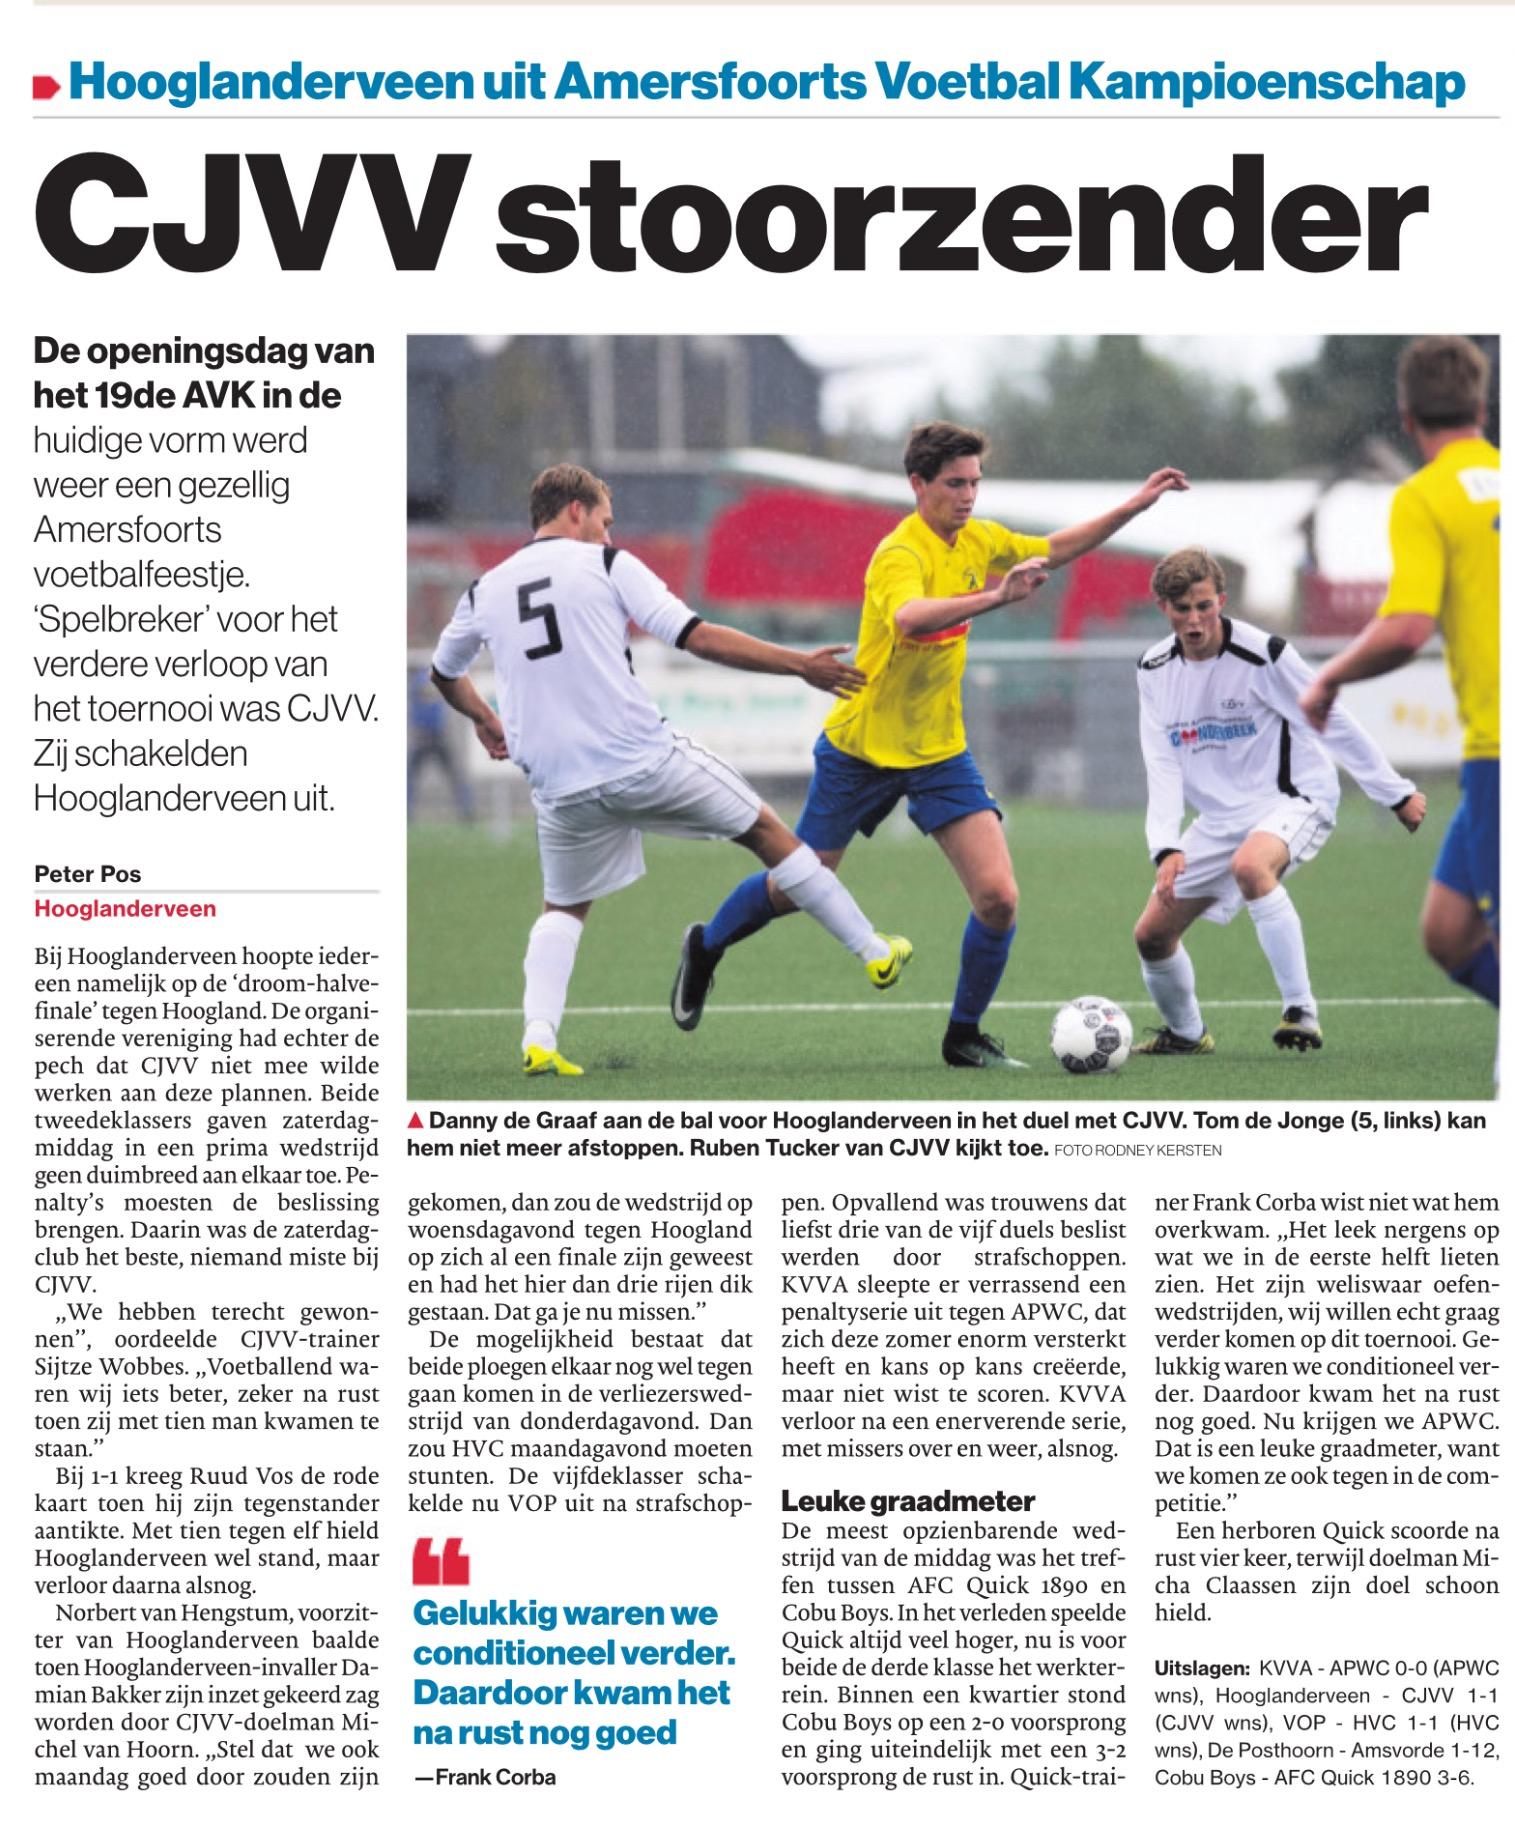 AD_21-08_Hooglanderveen uit Amersfoorts Voetbalkampioenschap_artikel